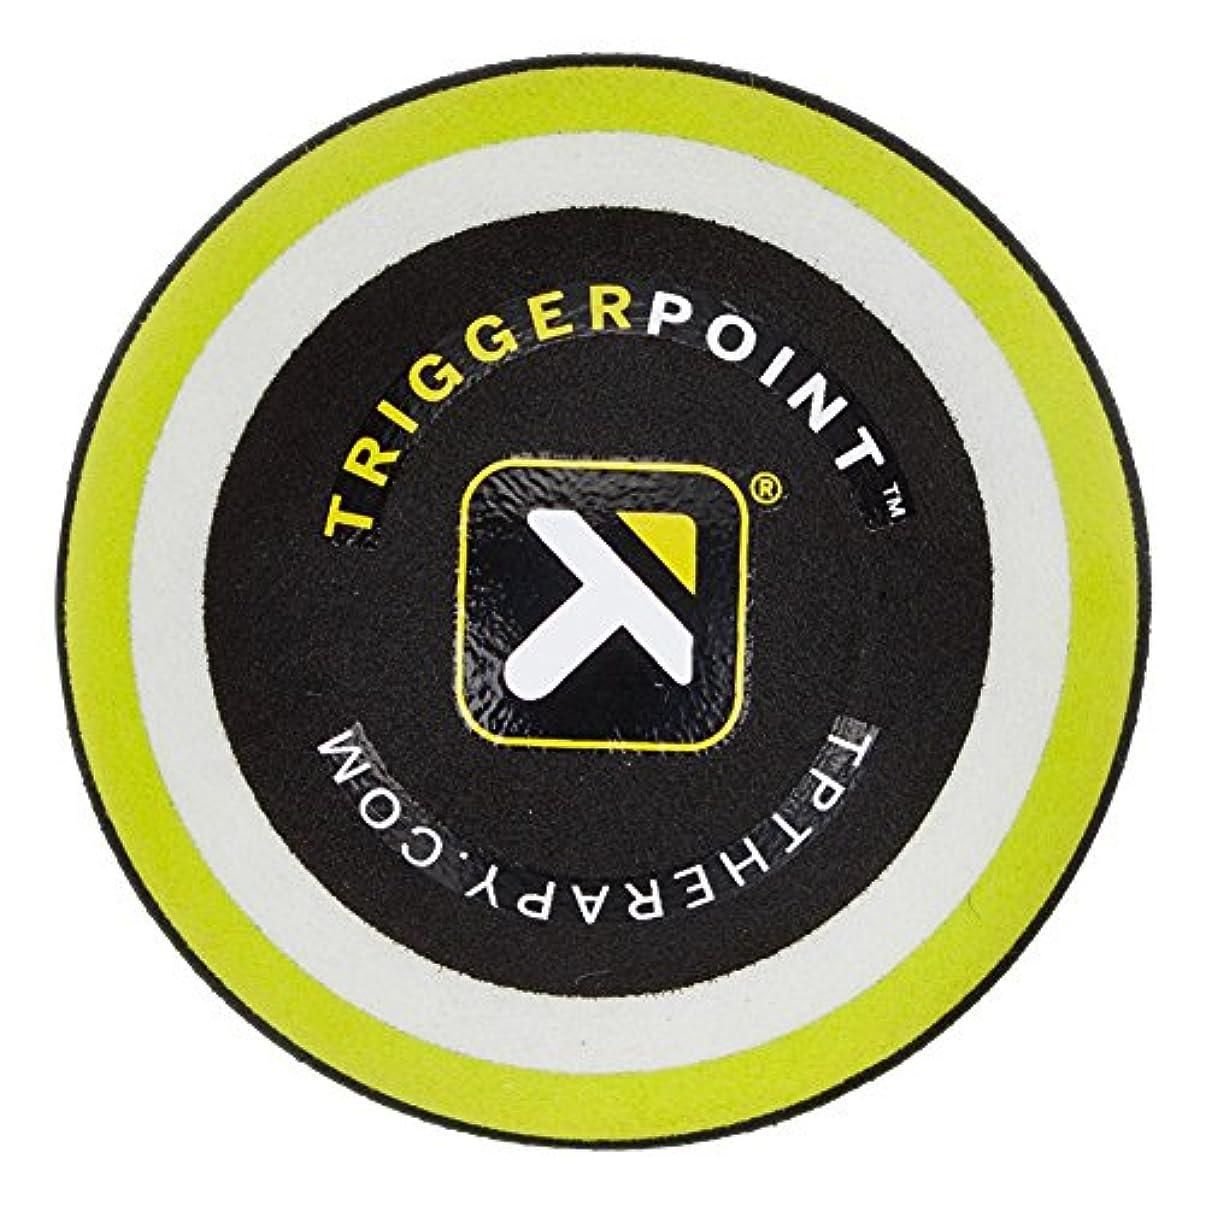 リフトオズワルド牧師[ トリガーポイント ] Trigger Point マッサージボール (6.5cm) MB1 筋膜リリース 03301 グリーン ストレッチ [並行輸入品]